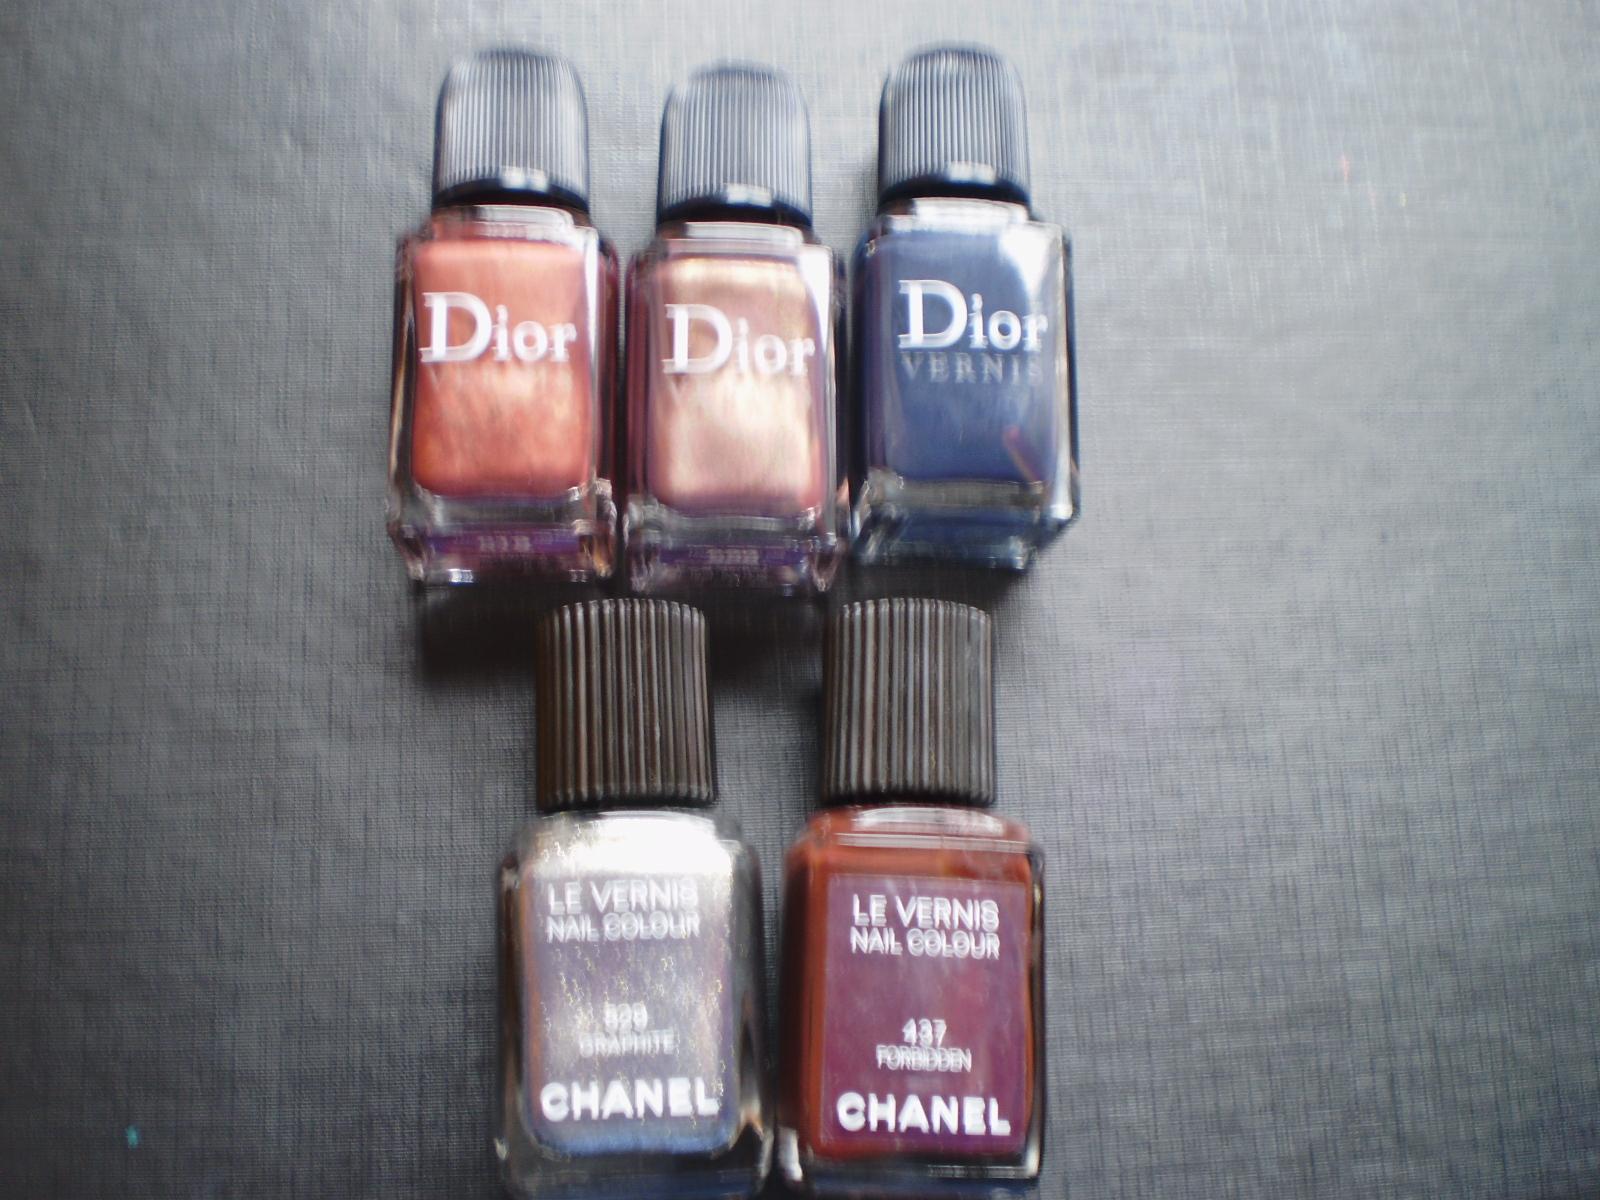 esmaltes de uñas christian dior